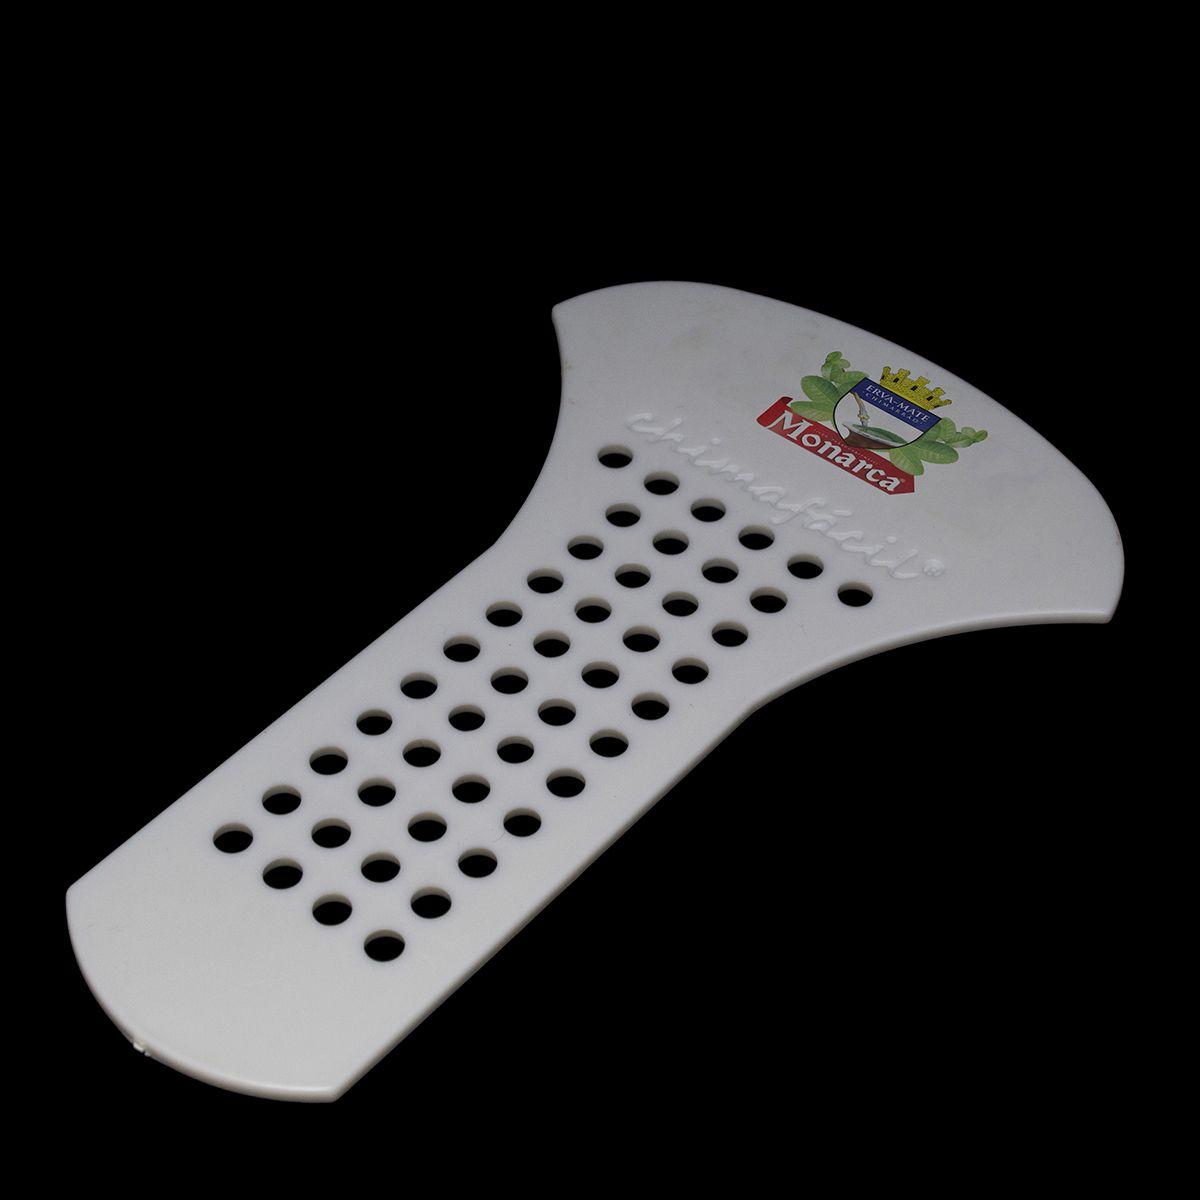 40 Cevadores Personalizado Chimafácil em plástico